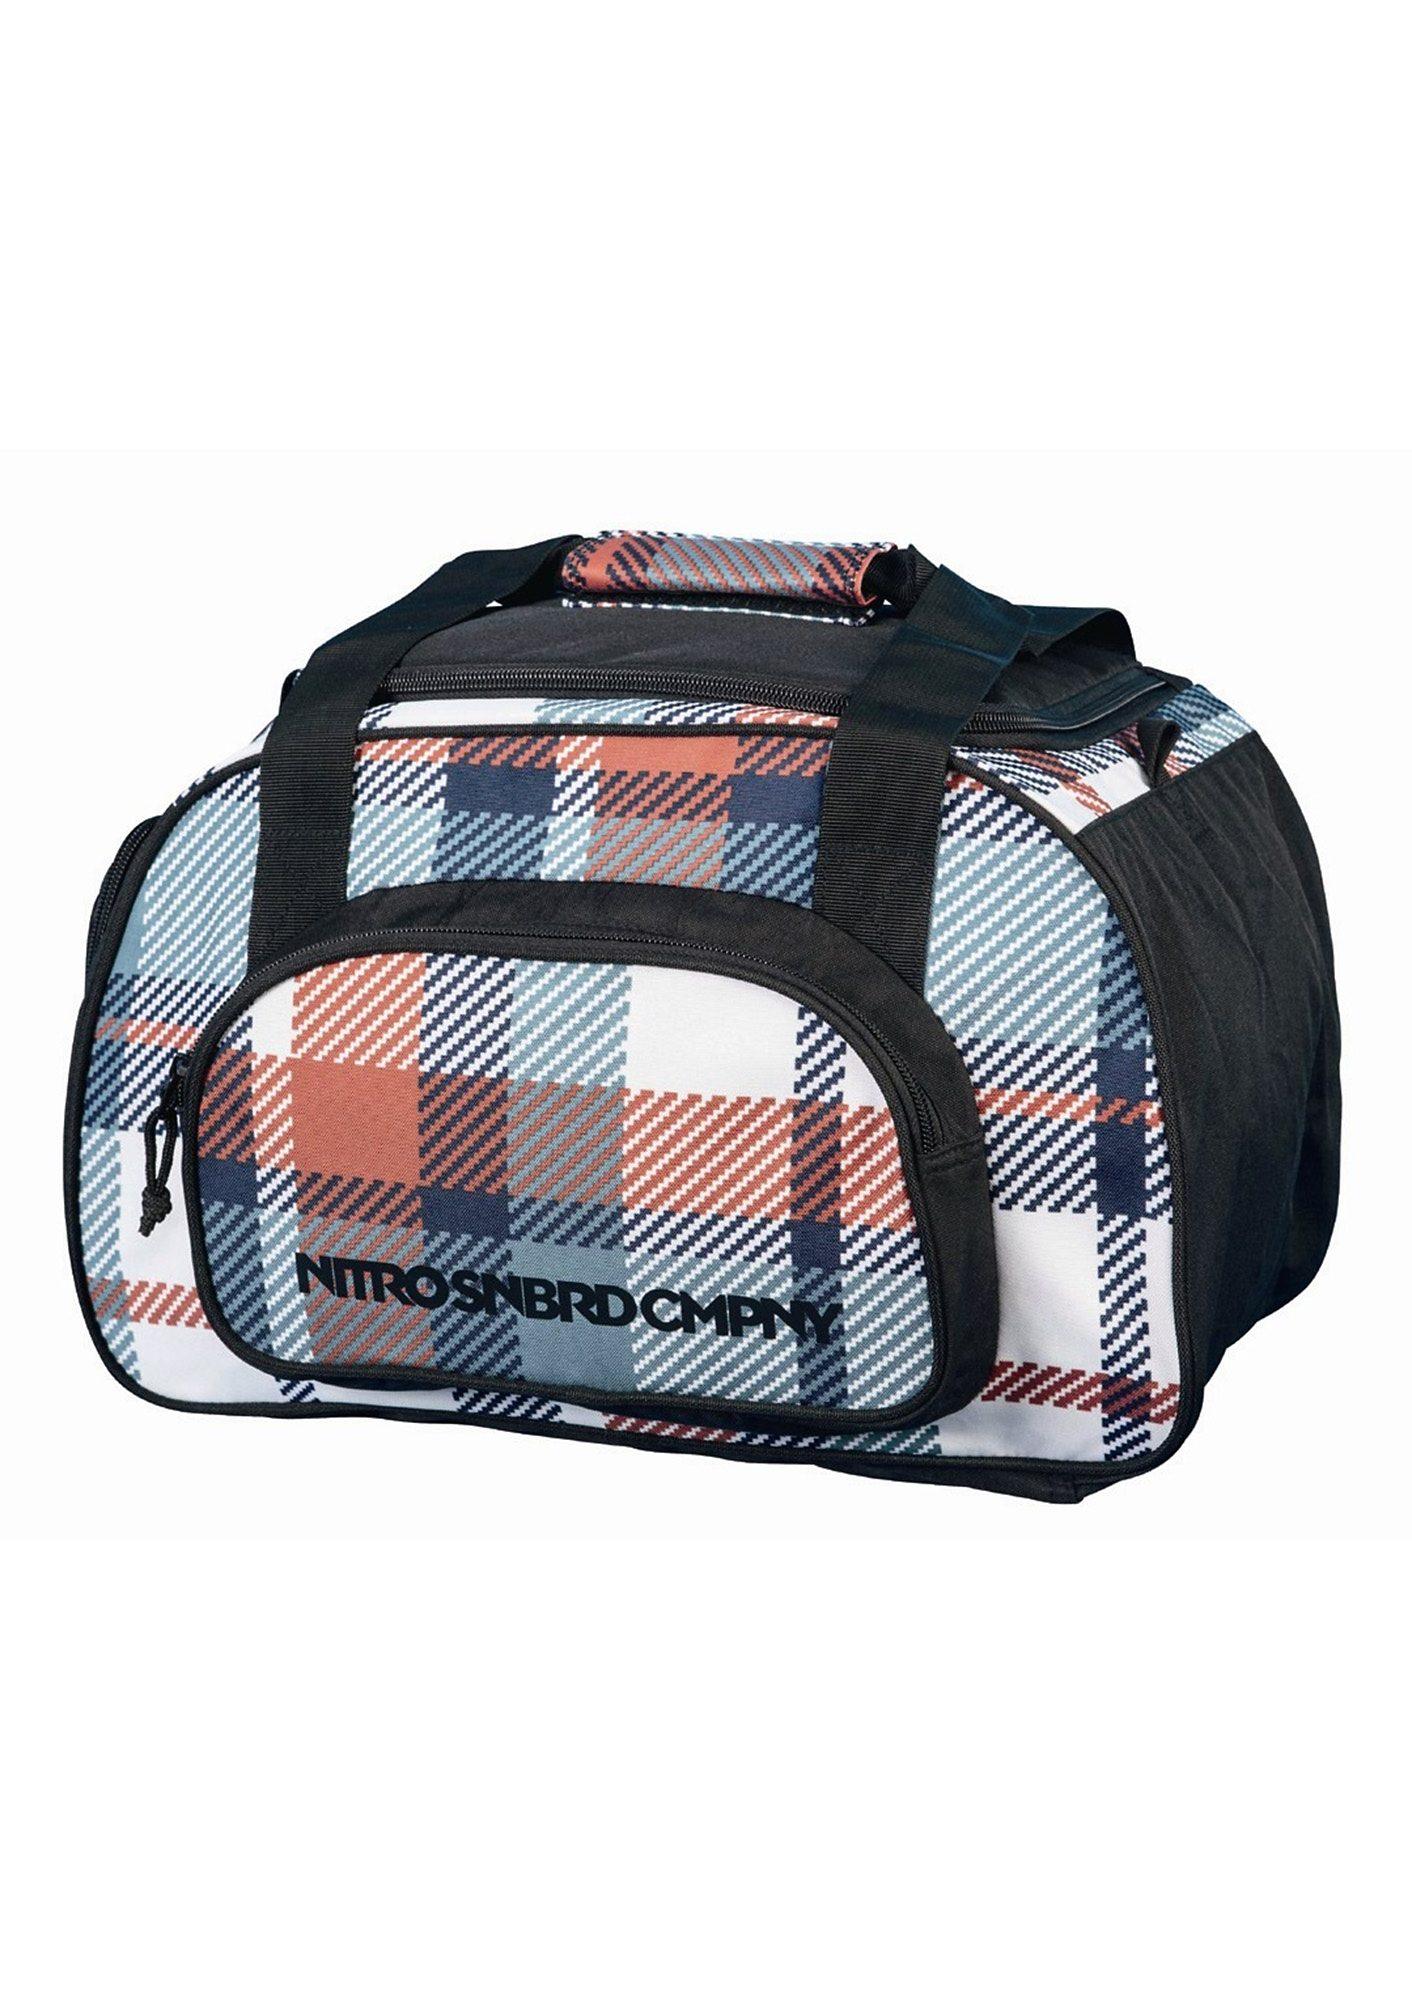 Nitro Reisetasche, »Duffle Bag XS - Meltwater Plaid«